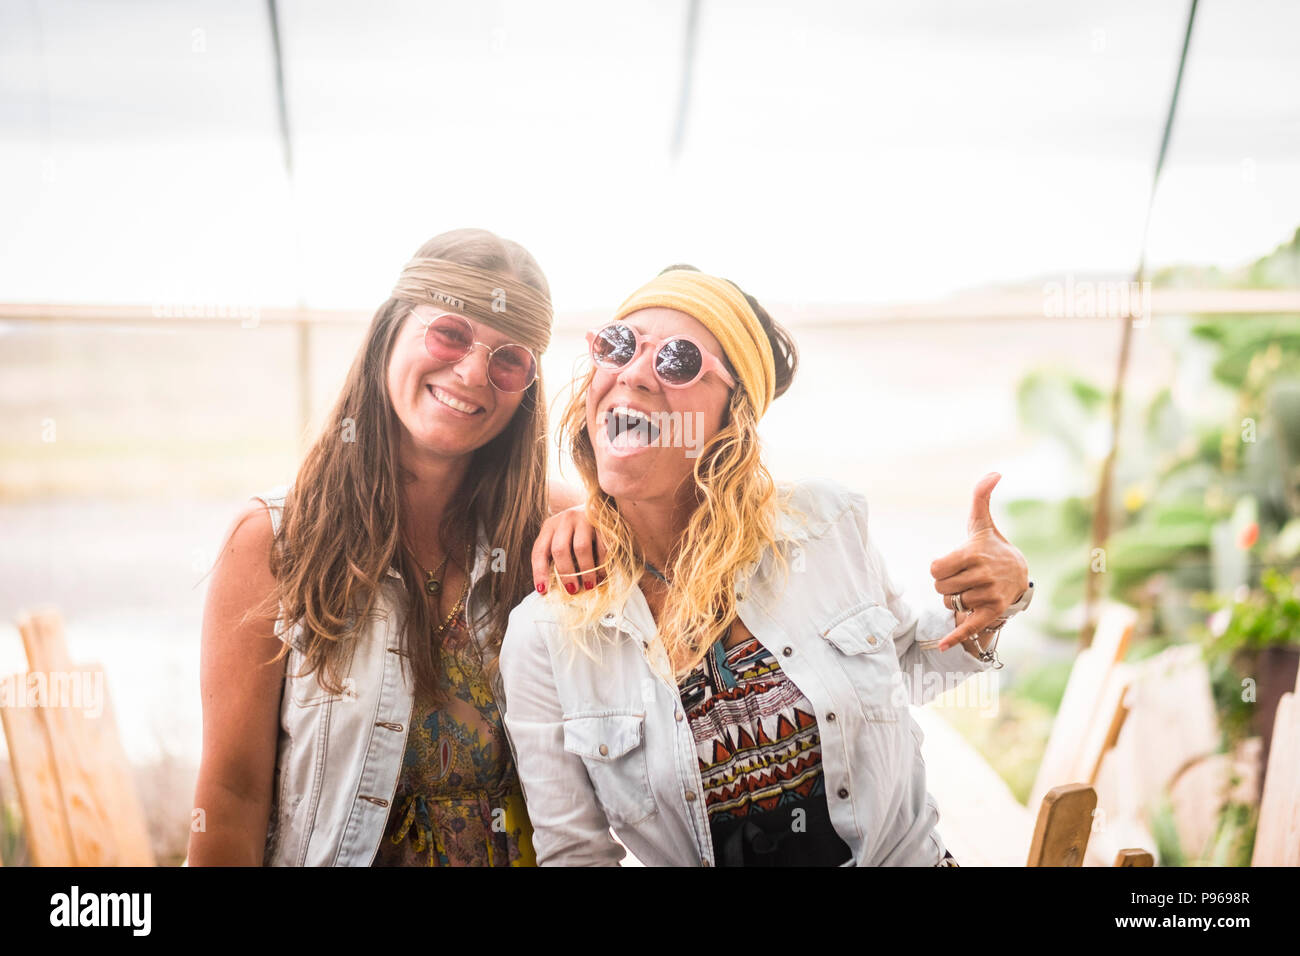 Couple de femelles fou amis s'amuser et profiter de port vieux hippie style retro style Vêtements et accessoires. la mode et de l'amitié pour les jeunes c Photo Stock